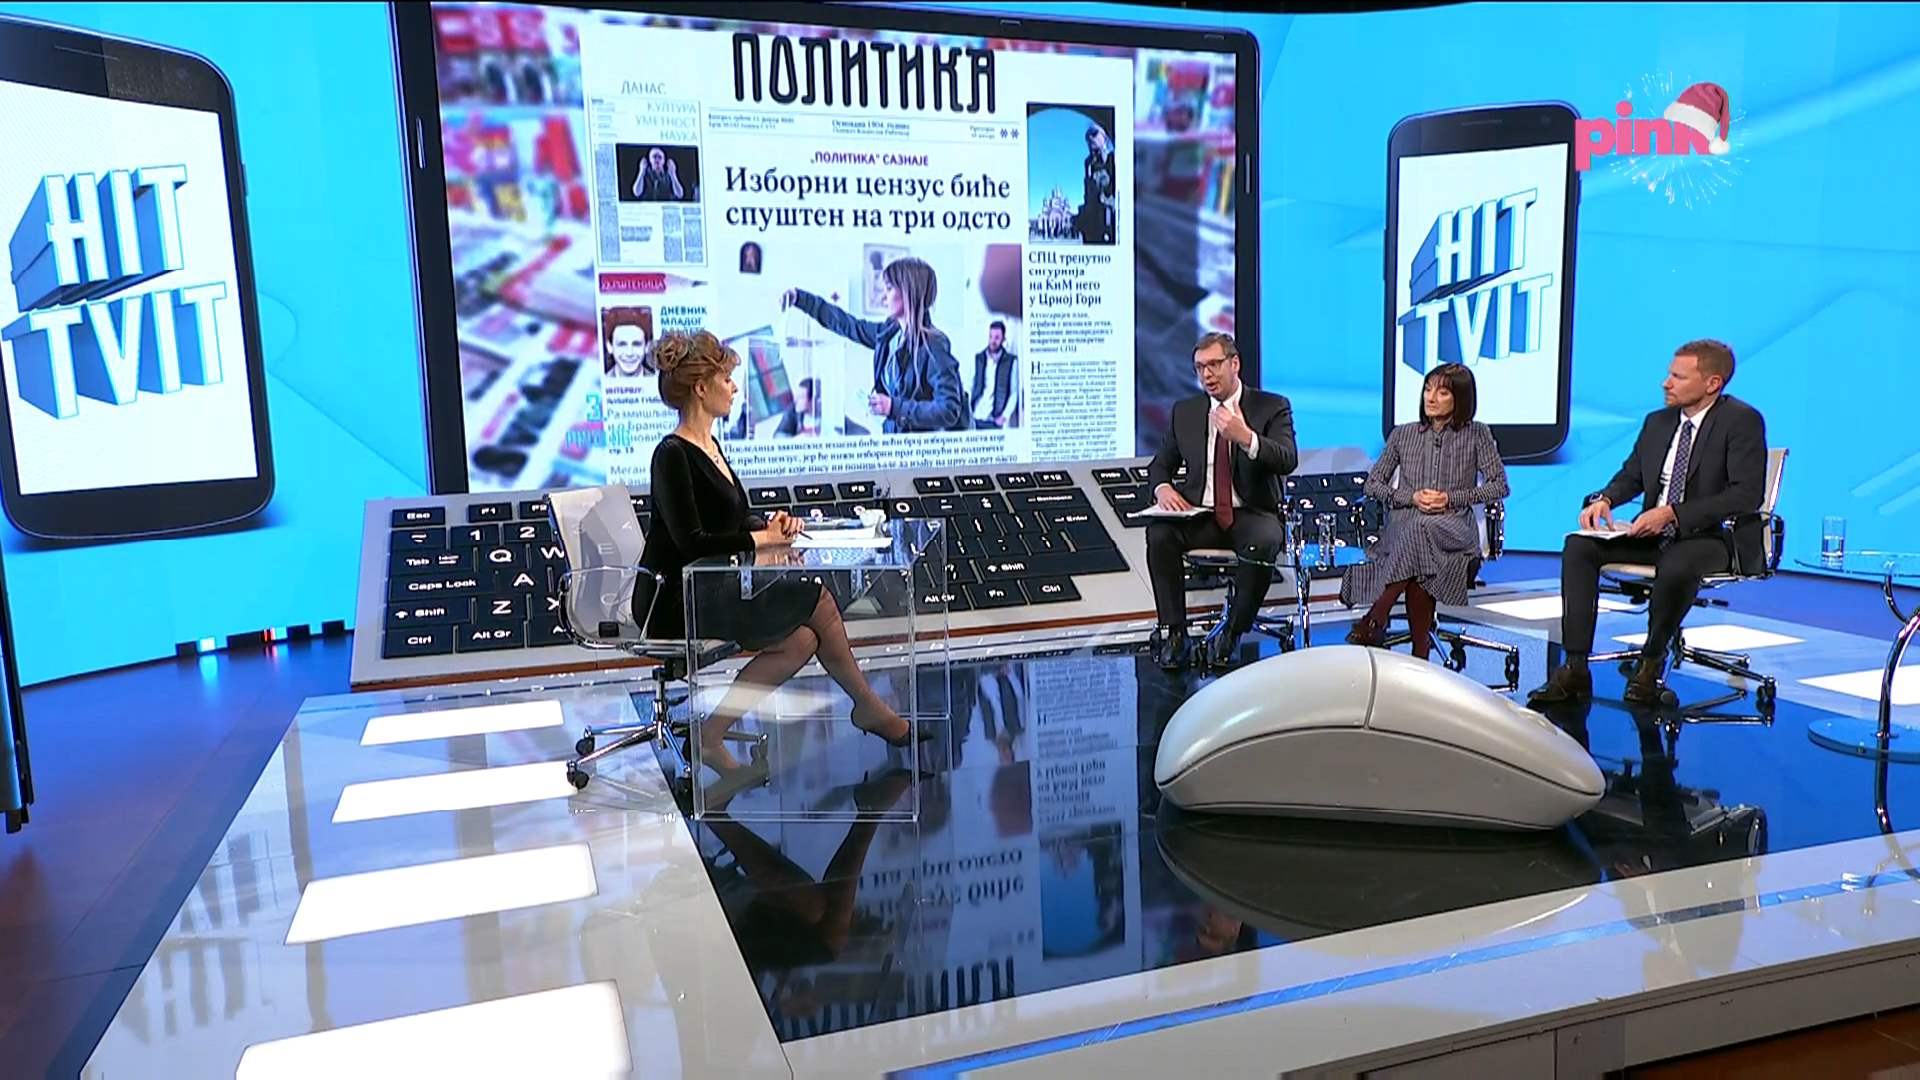 Predsednik Srbije Aleksandar Vucic u emisiji Hit tvit.